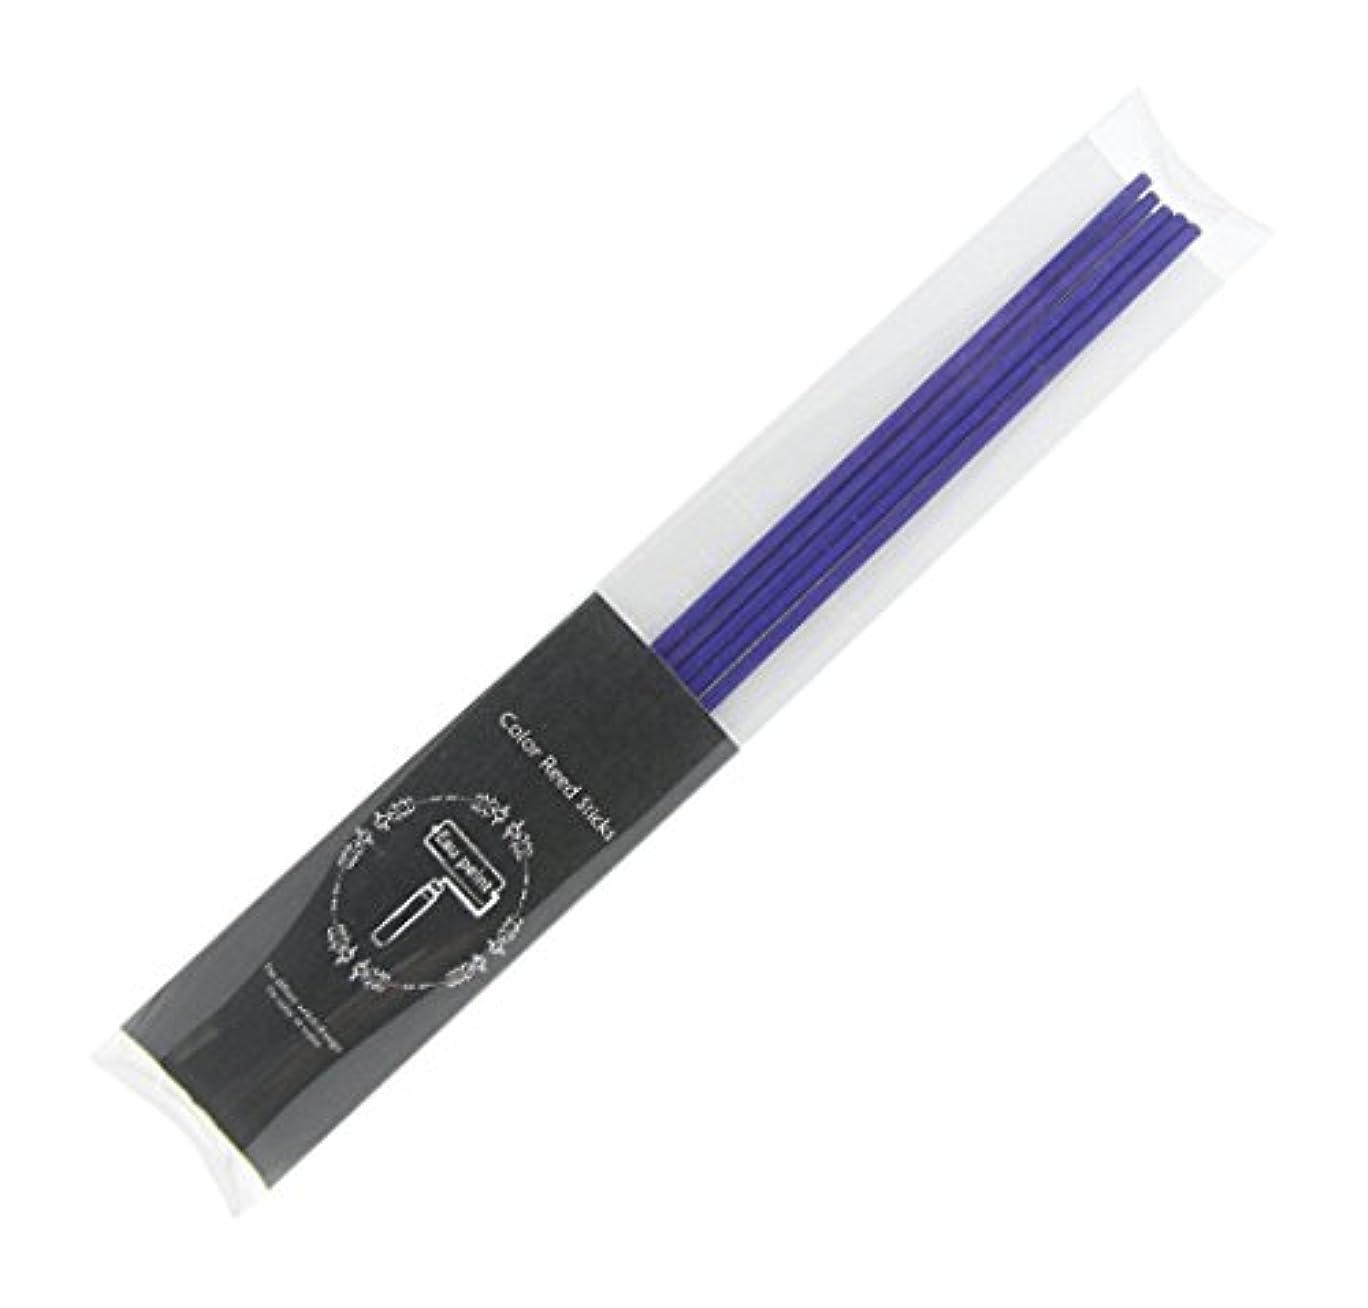 ビリーヤギ小さい美しいEau peint mais+ カラースティック リードディフューザー用スティック 5本入 パープル Purple オーペイント マイス